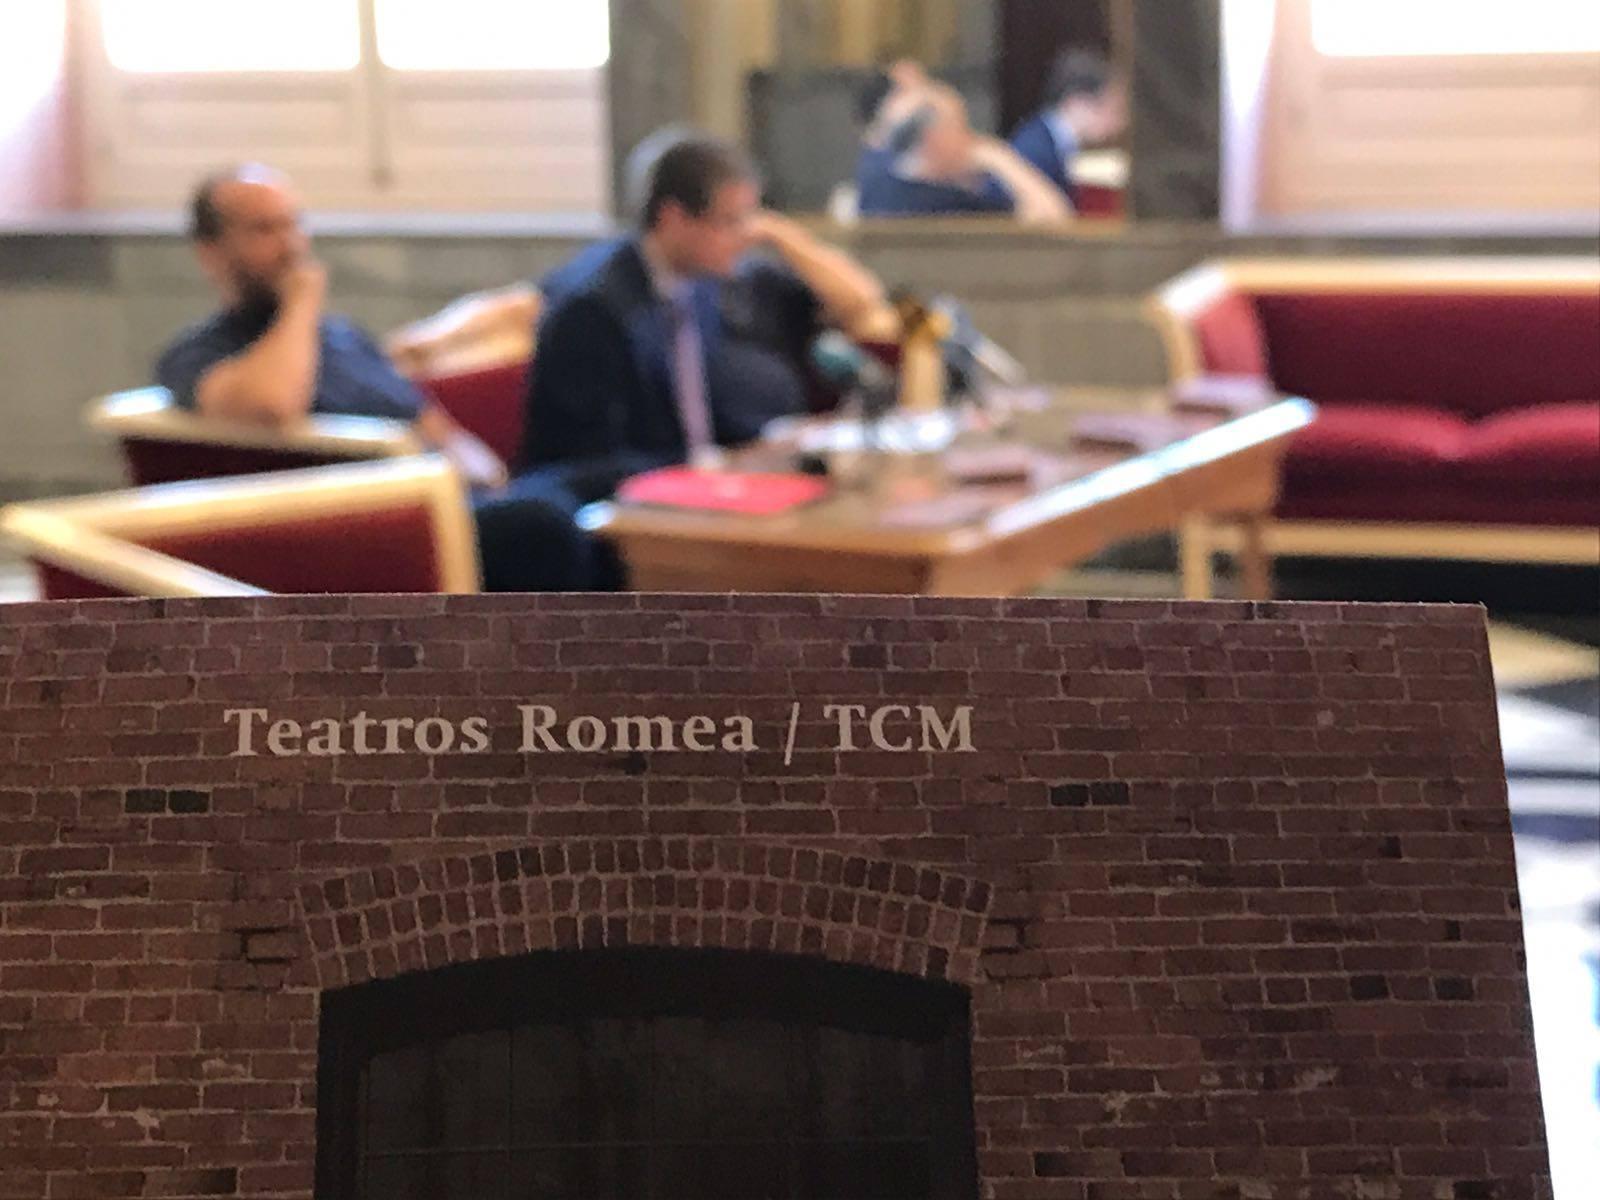 Teatros Circo Romea: Programación Sep. 17 – Ene. 18